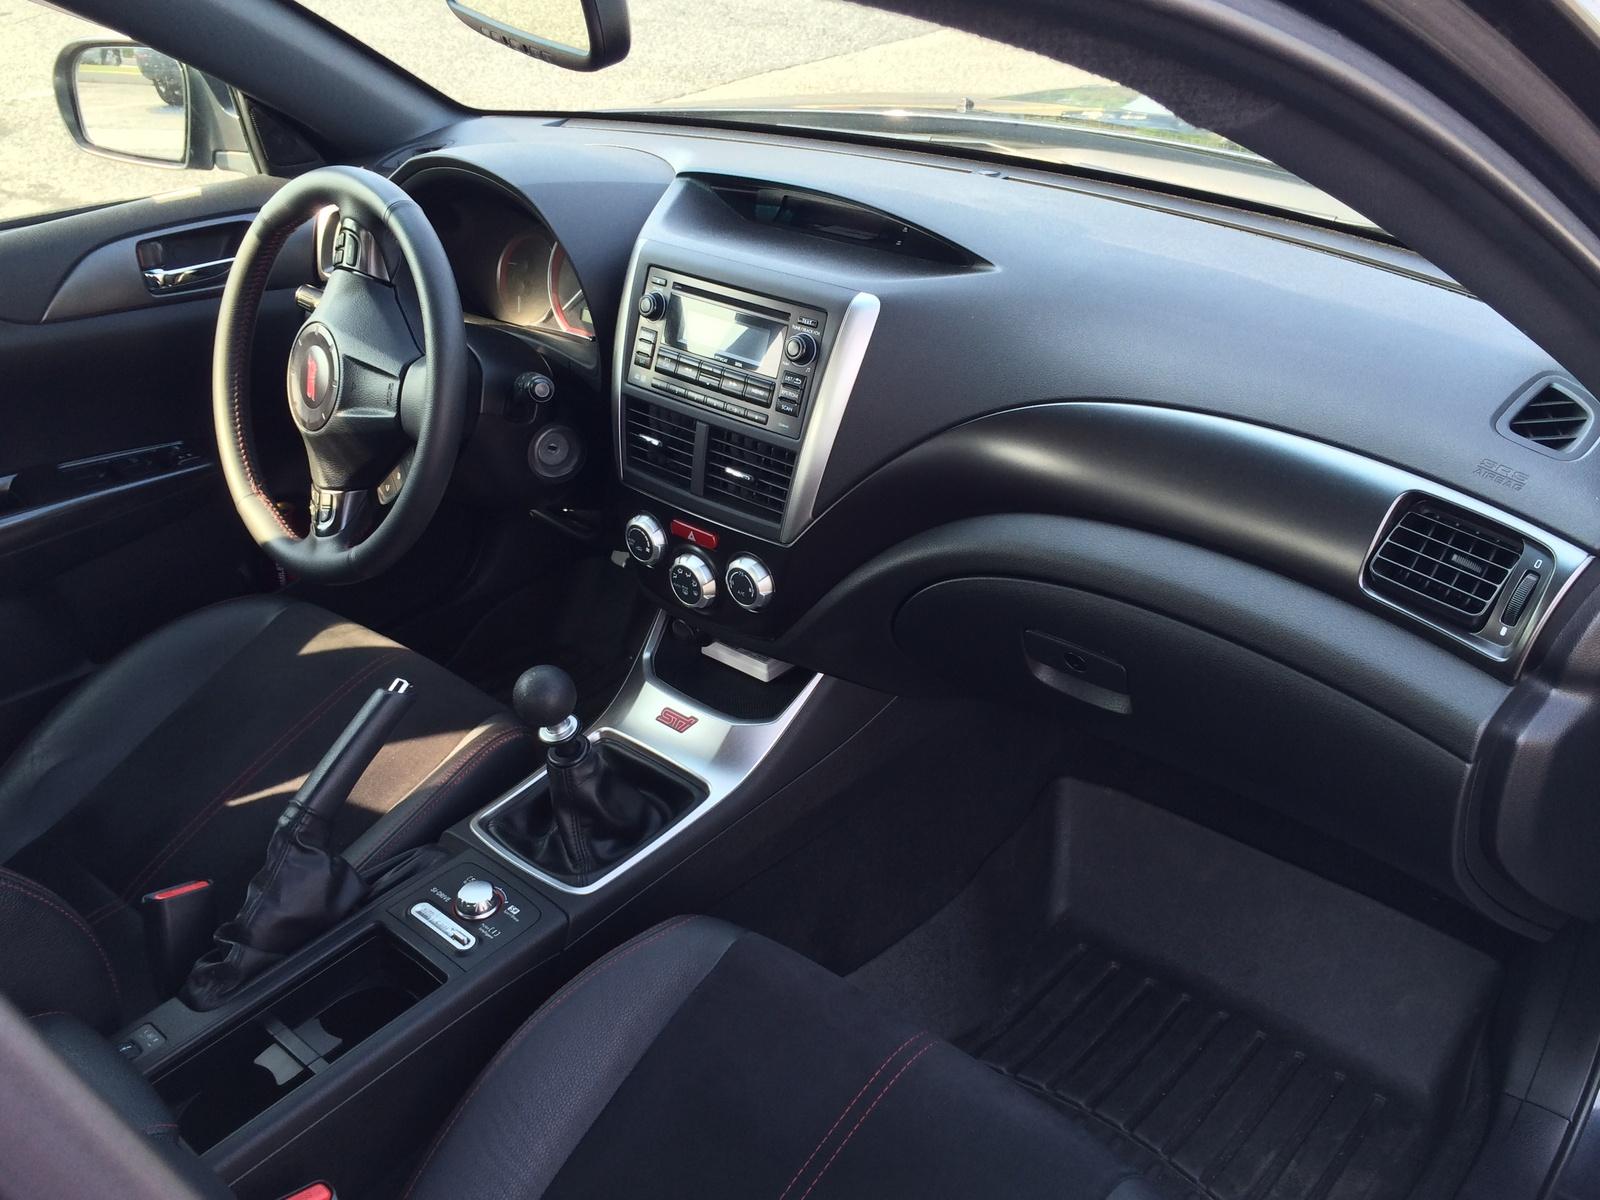 2011 Subaru Impreza Wrx Sti Interior Pictures Cargurus